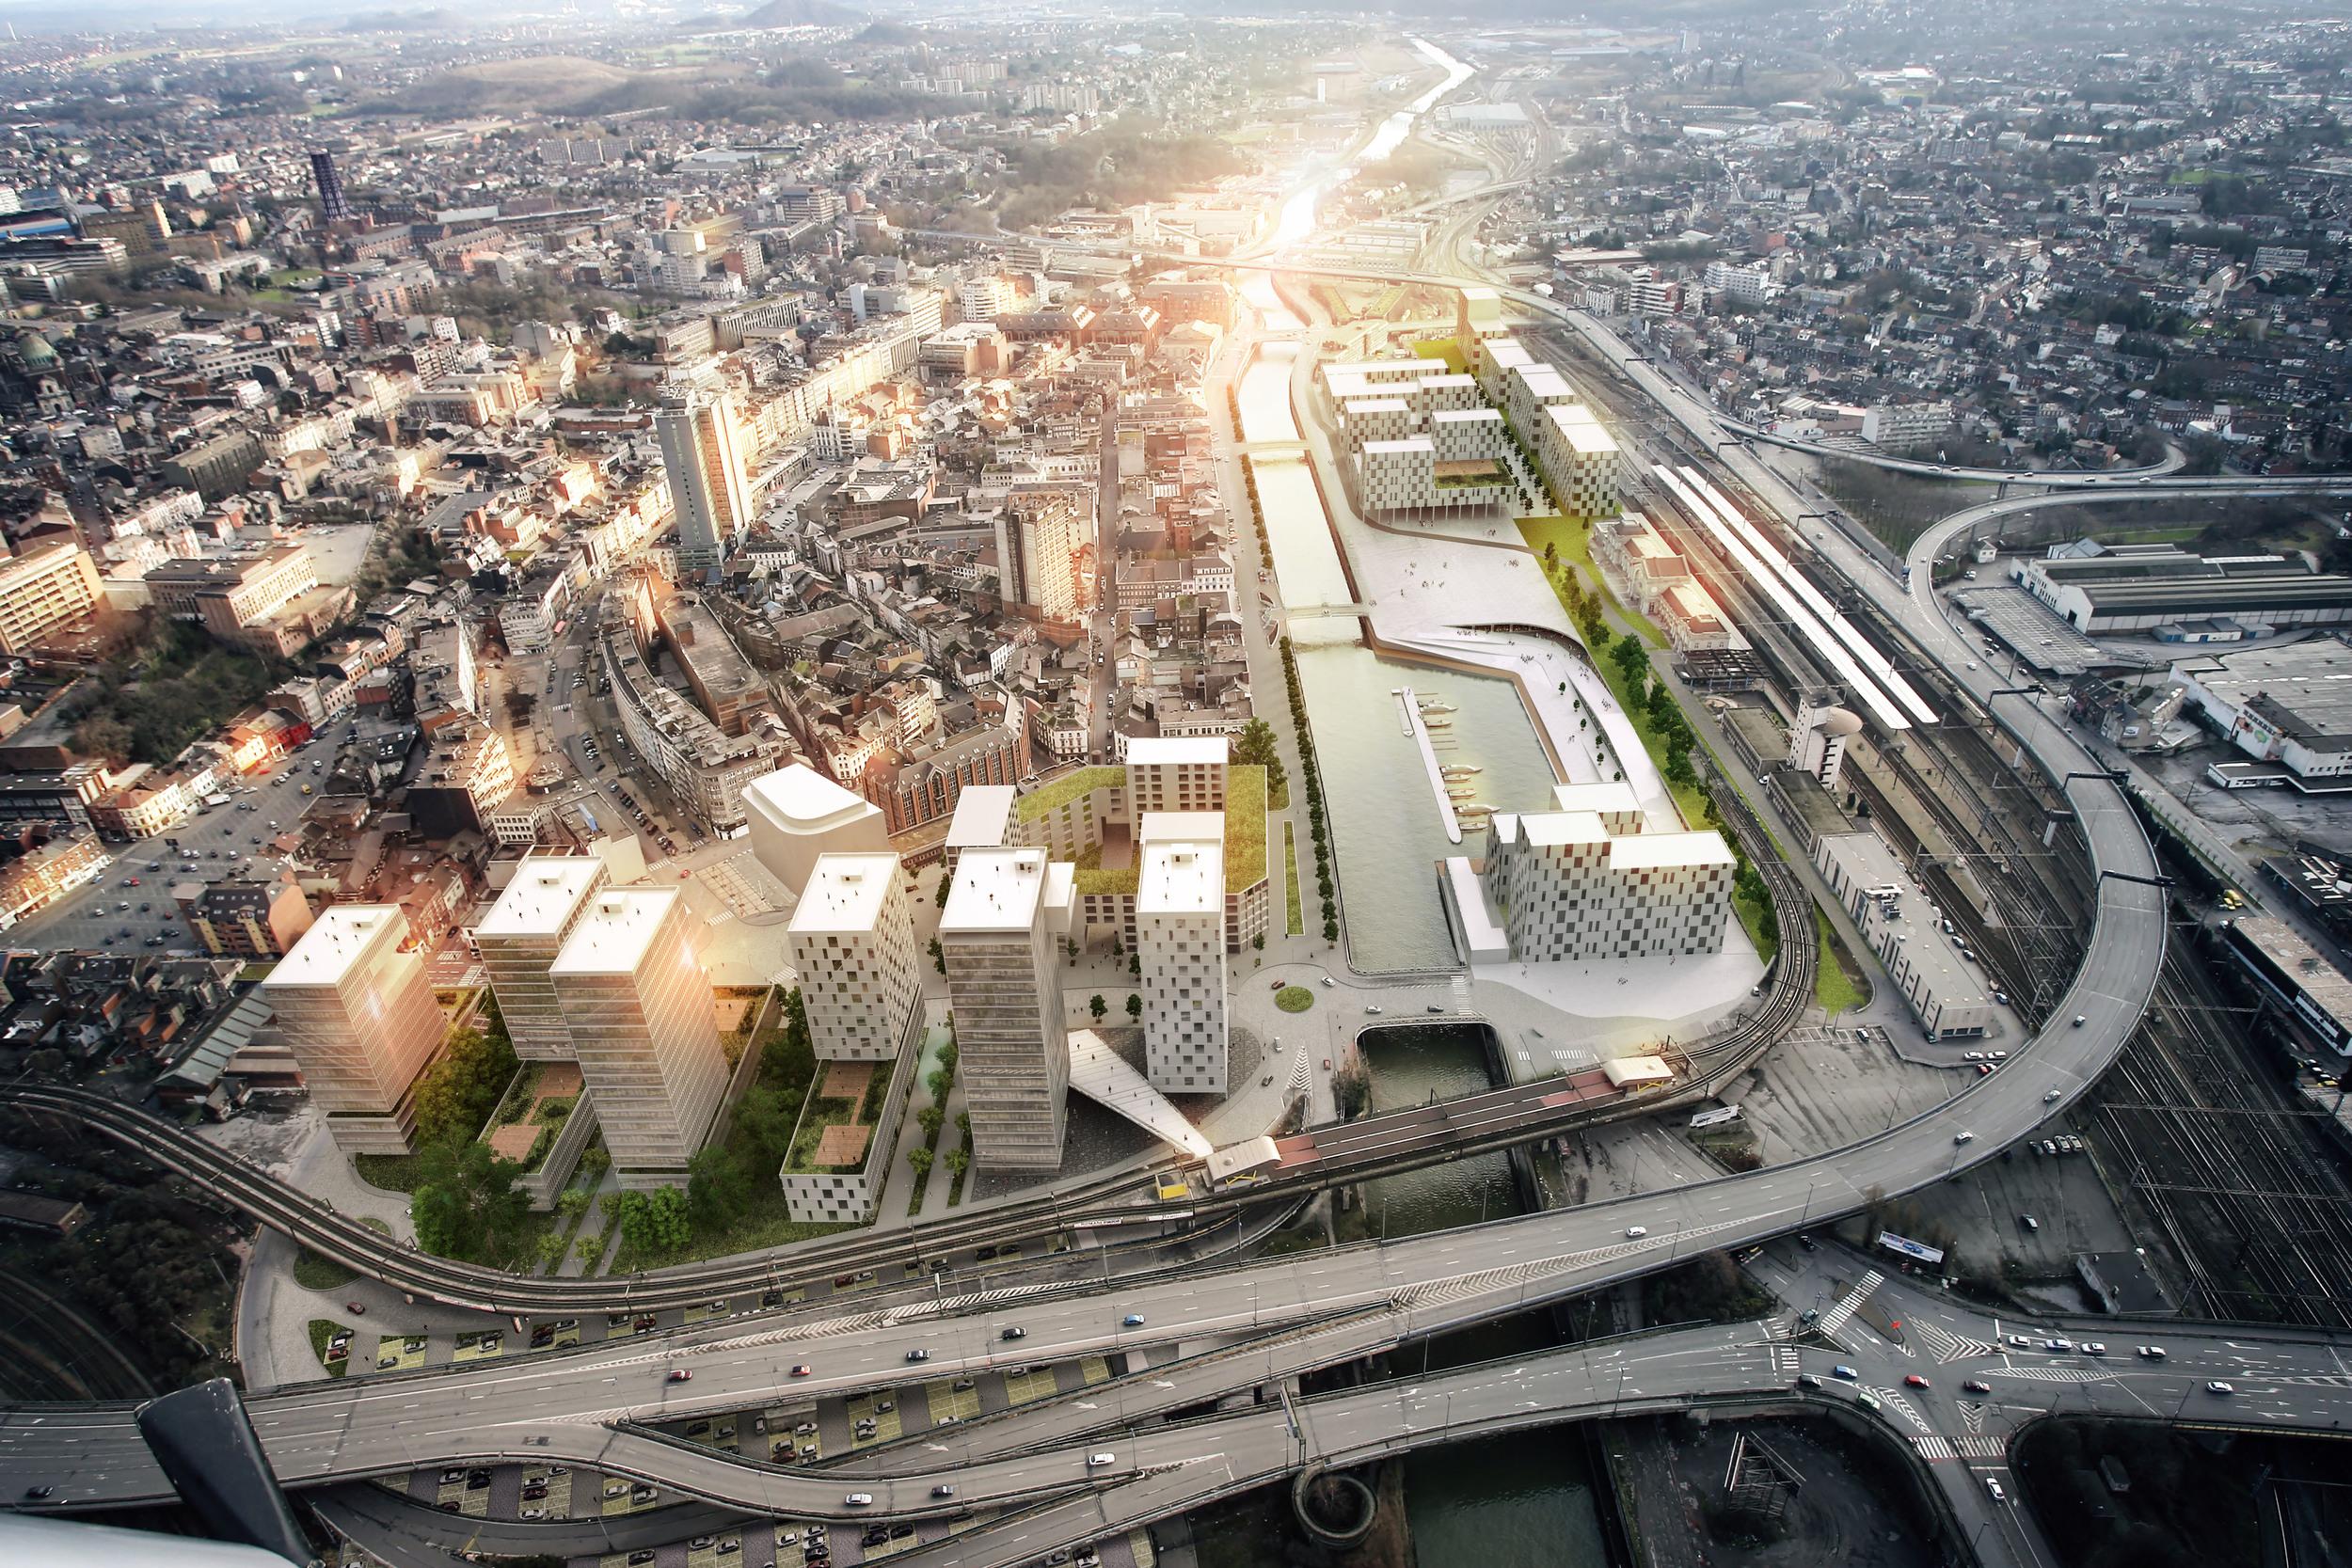 LEFT SIDE BUSINESS PARK   Le projet Left Side Business Park est un projet ambitieux et important pour Charleroi dans la mesure où il envisage un enjeu jamais assumé à ce jour : construire une véritable interface urbaine habitée entre le Centre-Ville et l'infrastructure du Ring. Le projet urbanistique vise à réaliser en entrée de ville un nouveau pôle mixte de bureaux, de logements et de commerces. Ce nouveau pôle se caractérise par une forte densité bâtie, motivée par l'excellente qualité de la desserte en transports publics, contrebalancée par un espace public maillé, vaste et généreux.  + d'informations